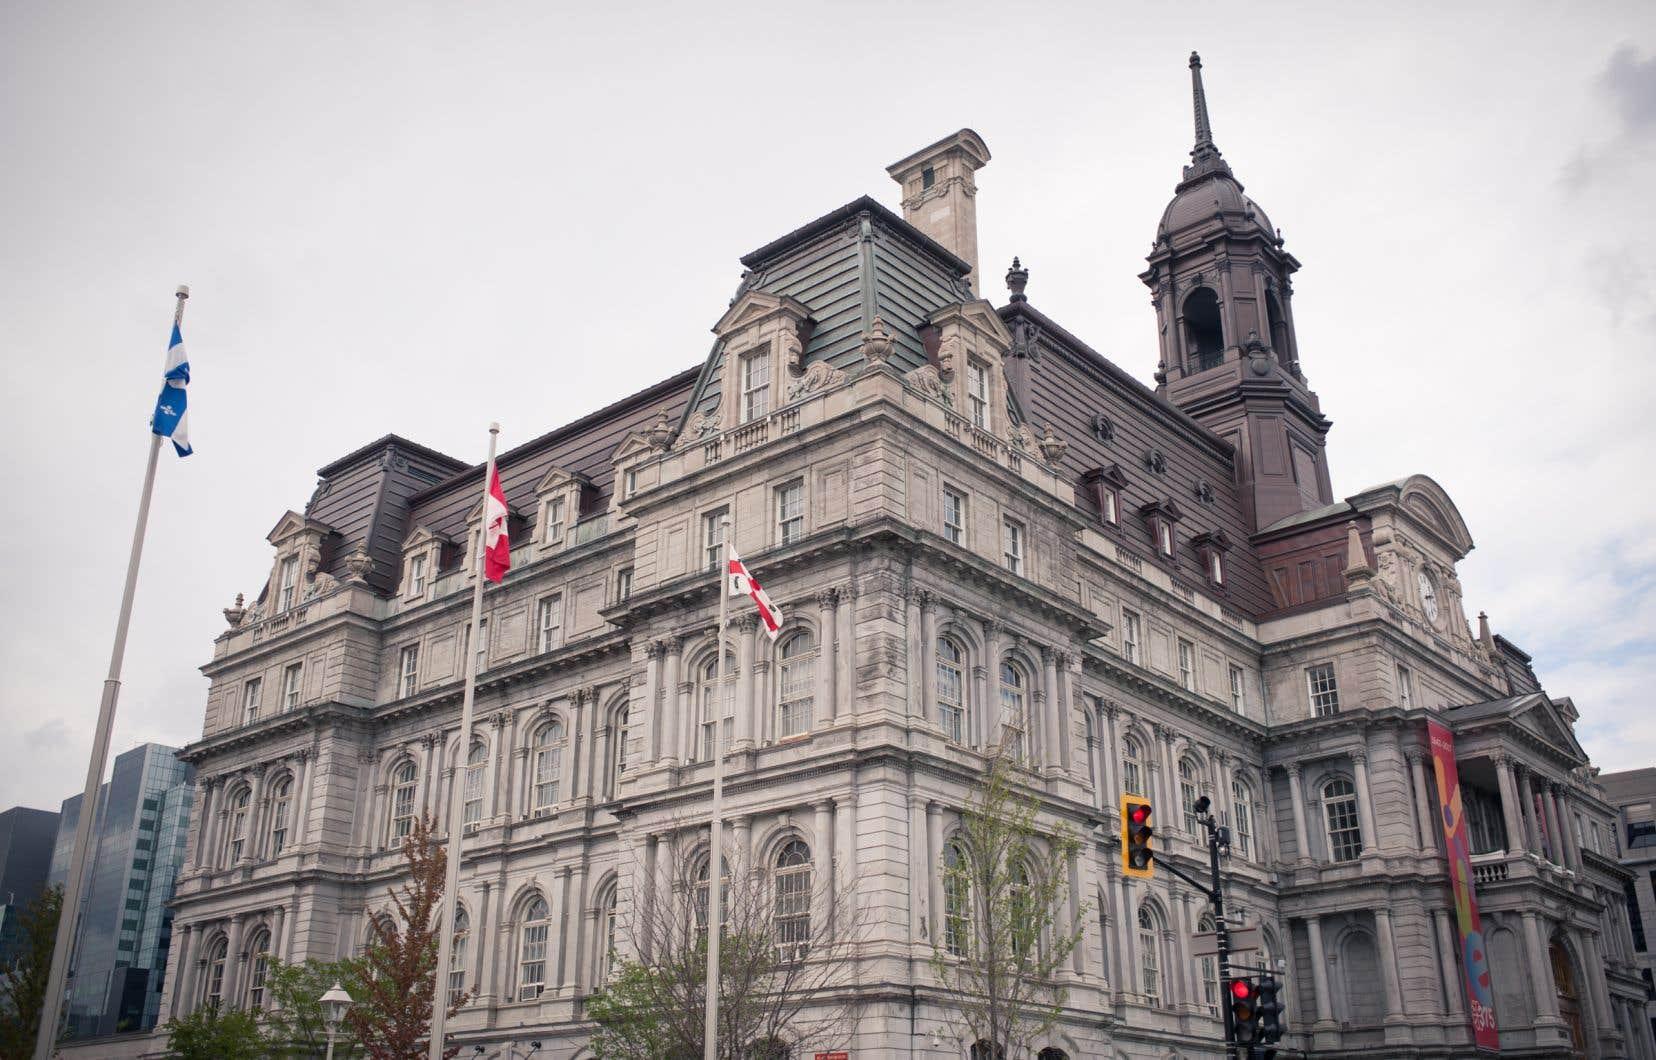 En octobre dernier, le conseil municipal a adopté une résolution désignant 71 lots répartis dans 9 secteurs sur lesquels la Ville pourrait exercer son droit de préemption.